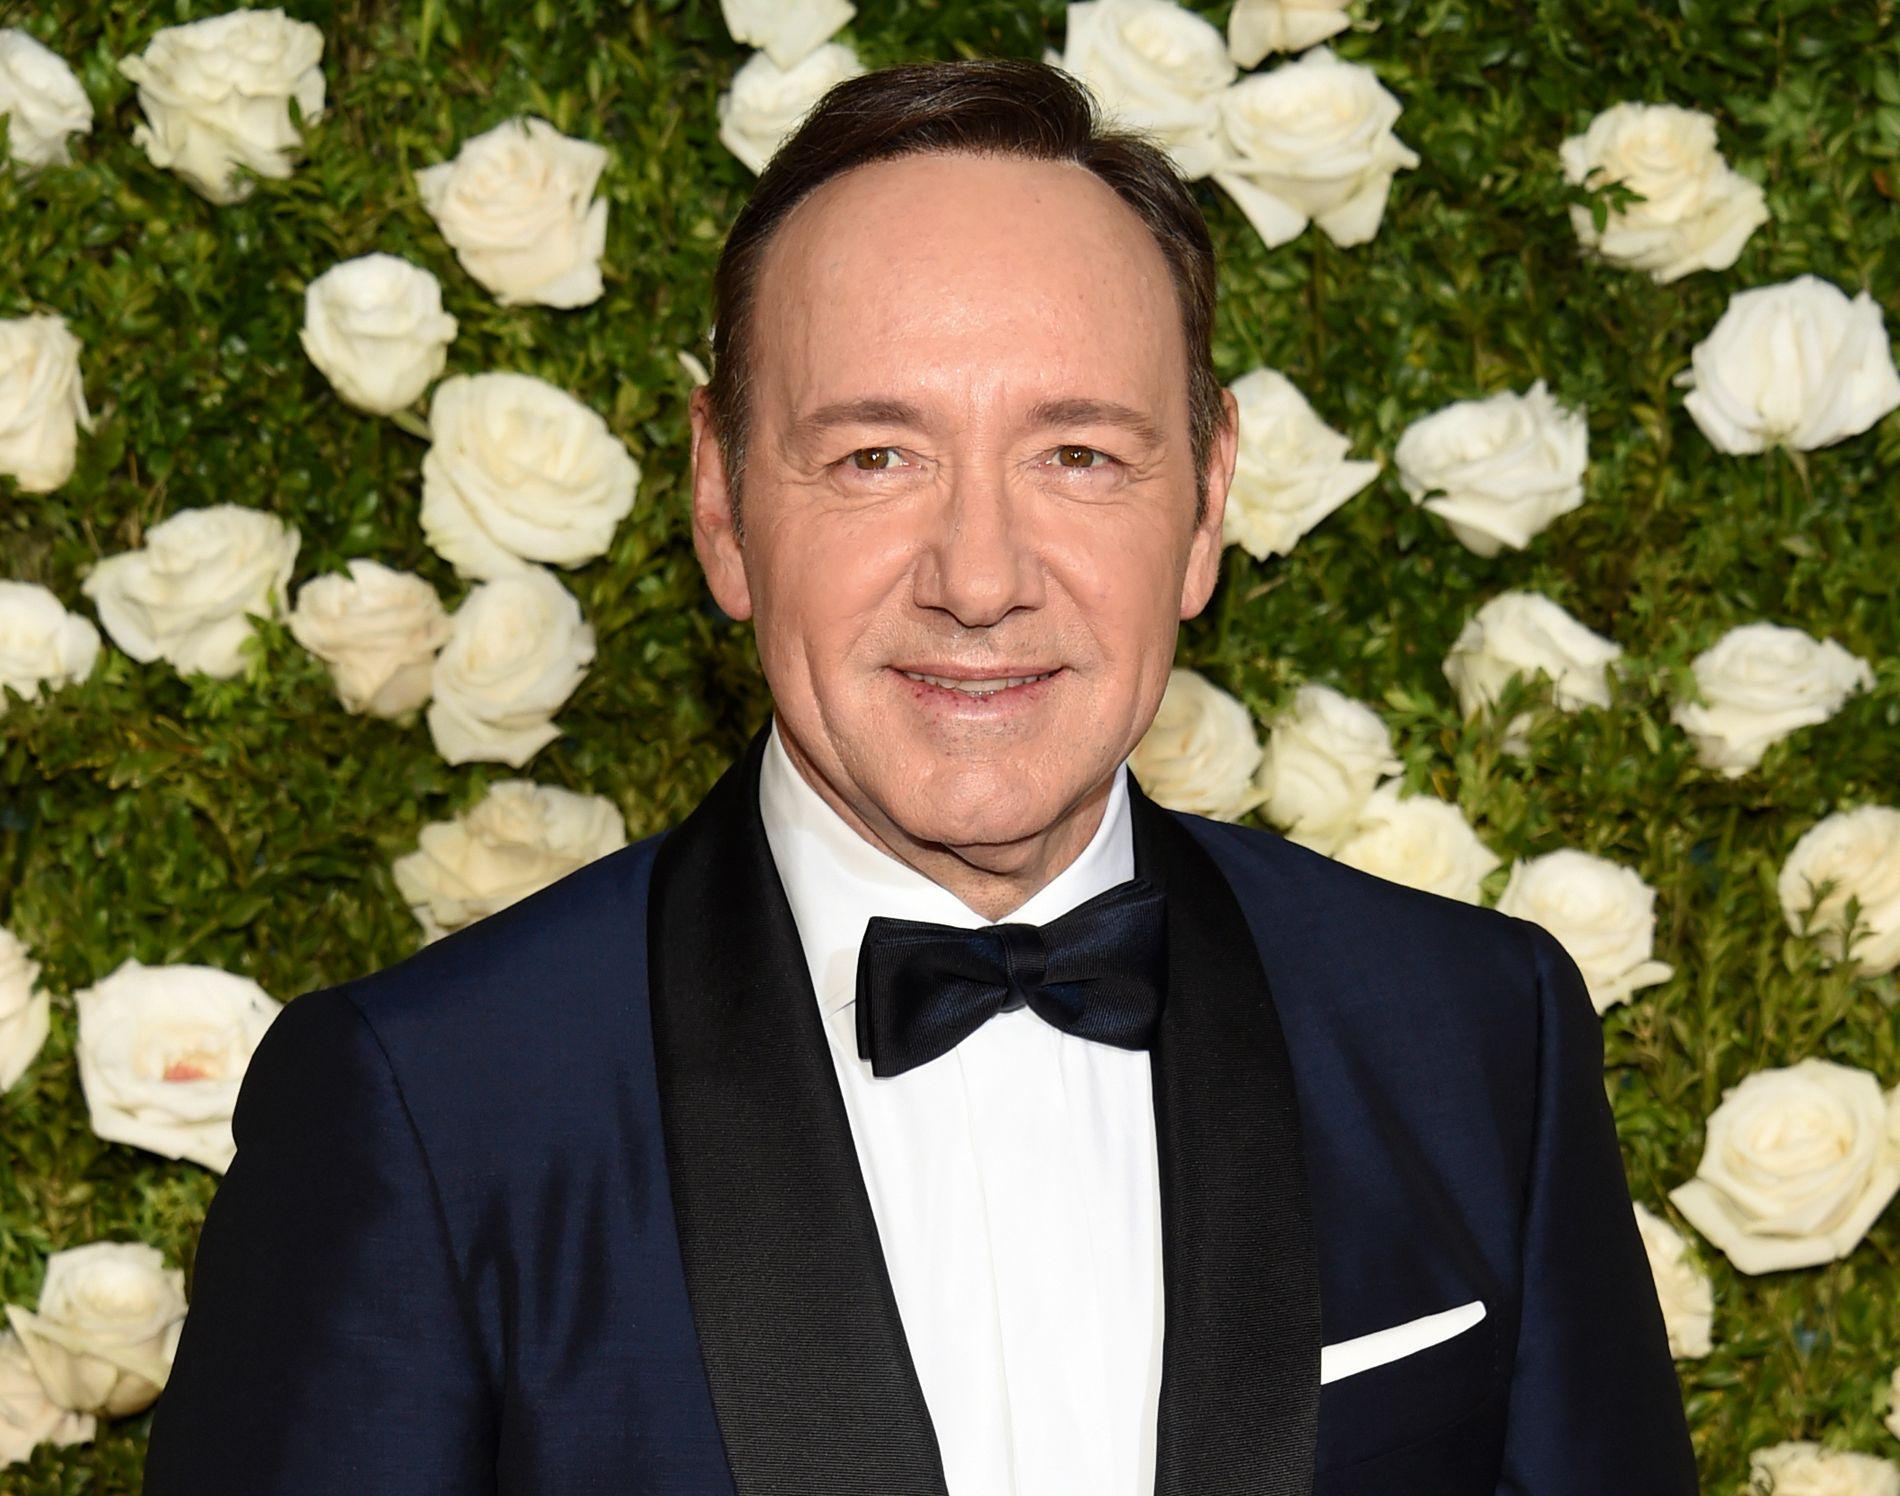 Anklaget: Et London-basert teater har etterforsket 20 anklager om seksuell trakassering mot Kevin Spacey